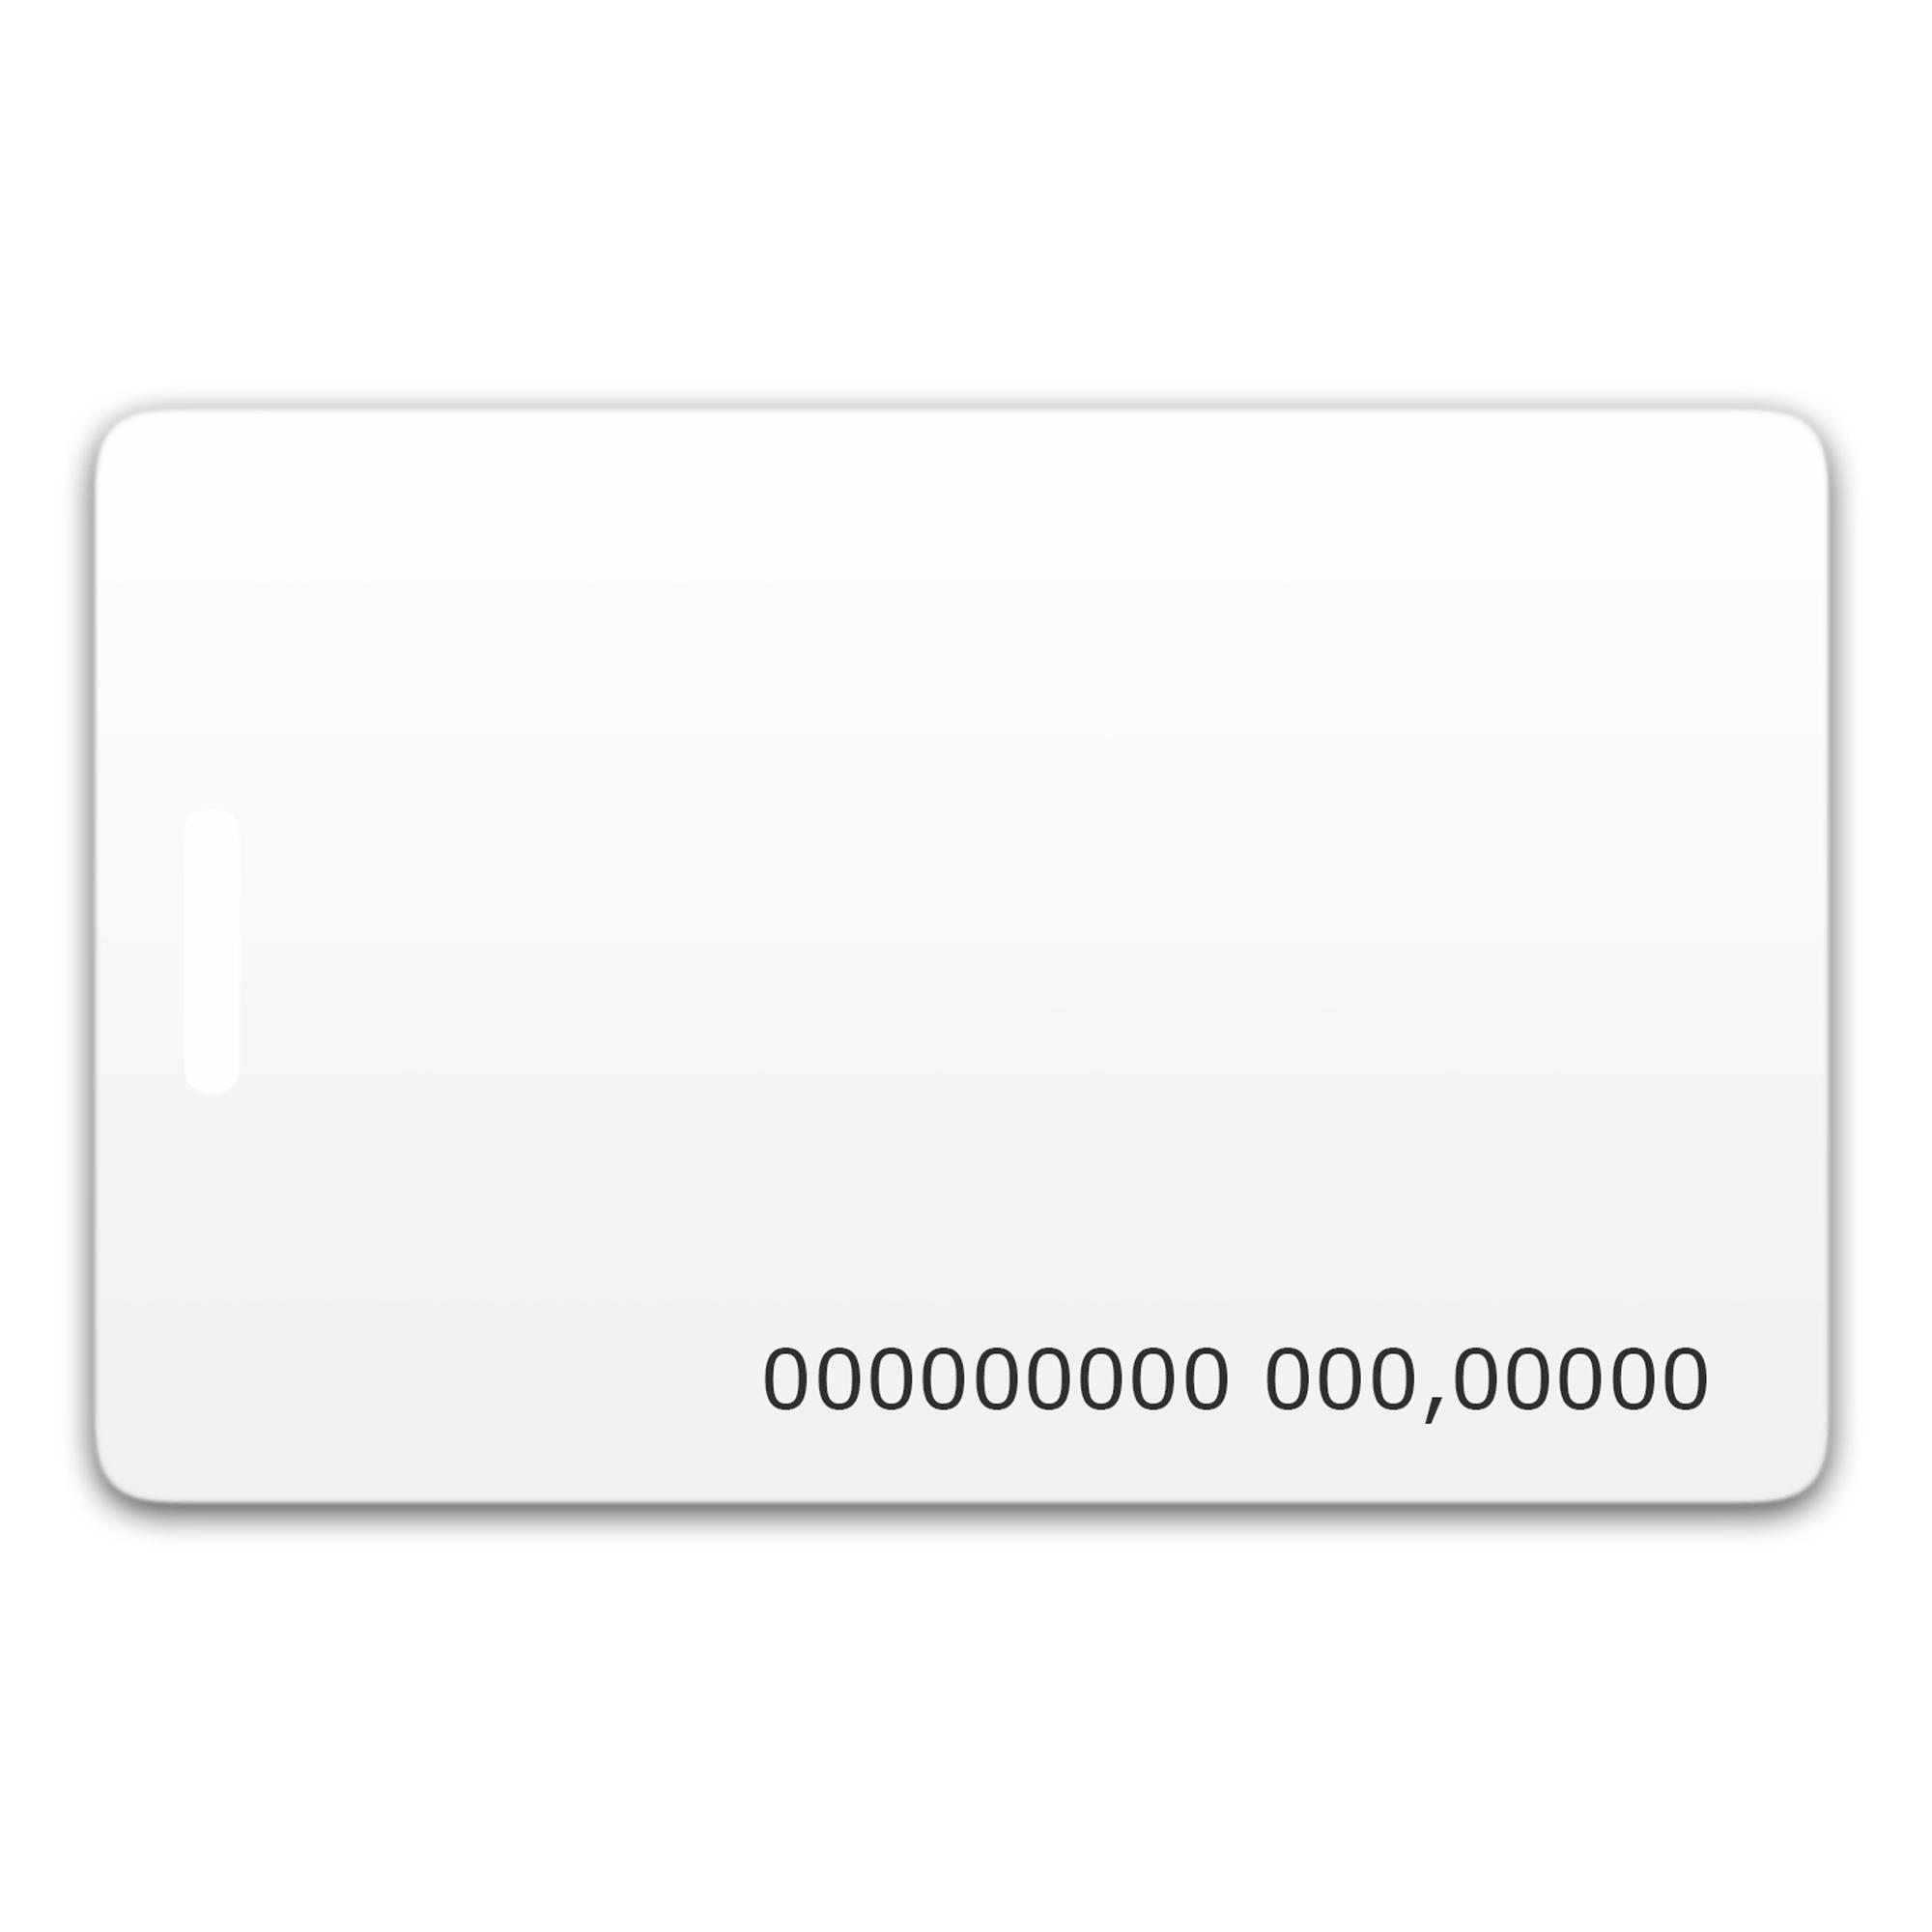 Бесконтактная пластиковая карта Fudan 1K с номером